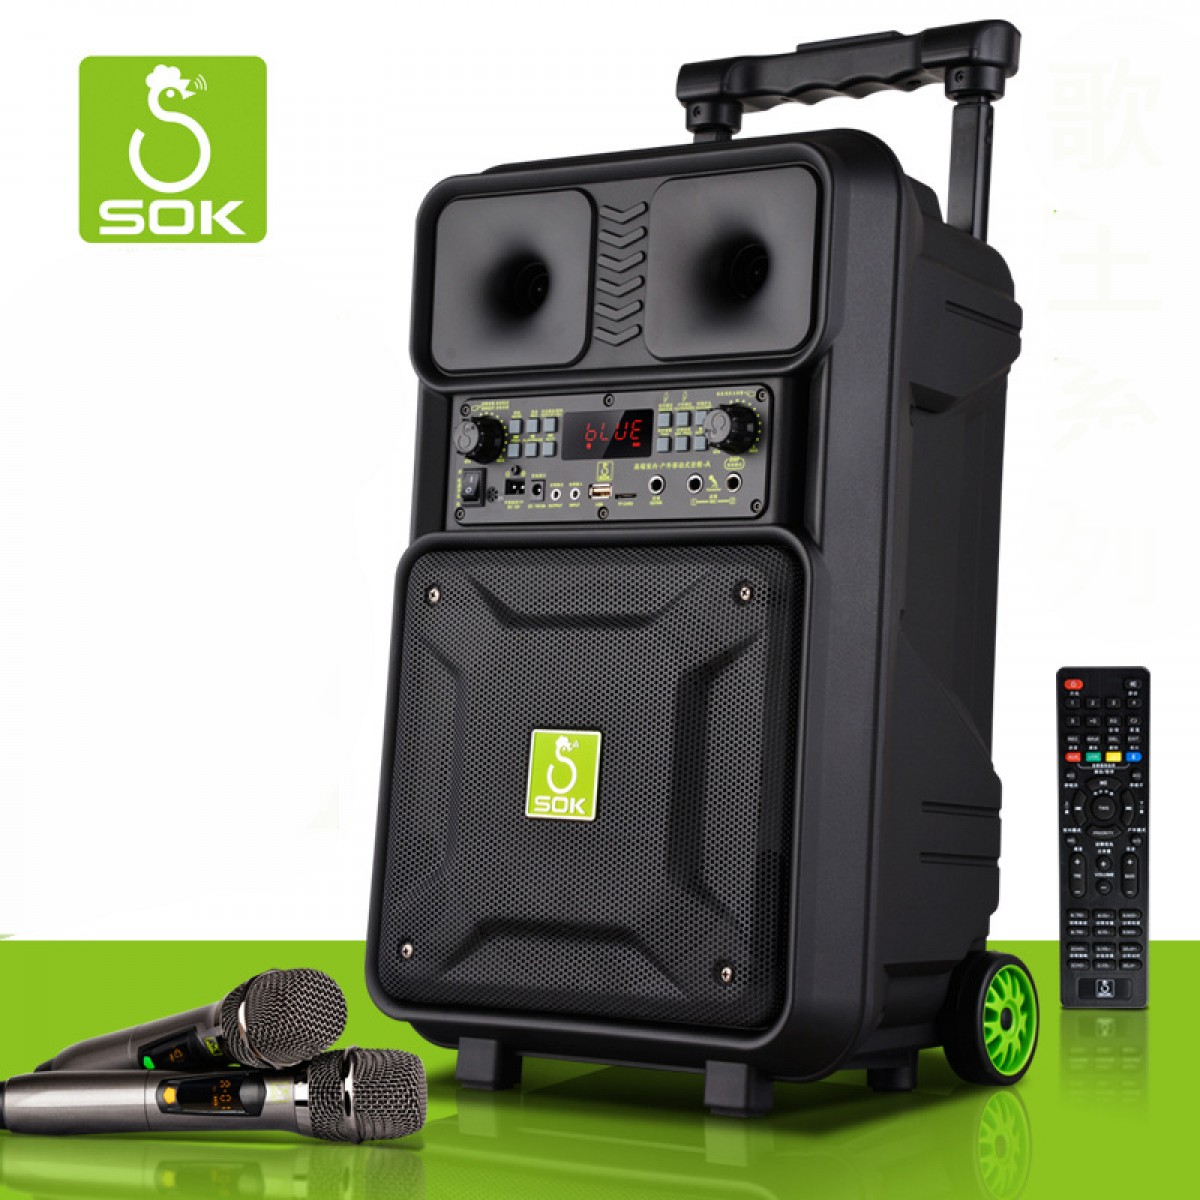 Loa kéo di động SOK NE-801 (8 inch , 2 mic , 100W) - qe4 giá sỉ và lẻ rẻ nhất